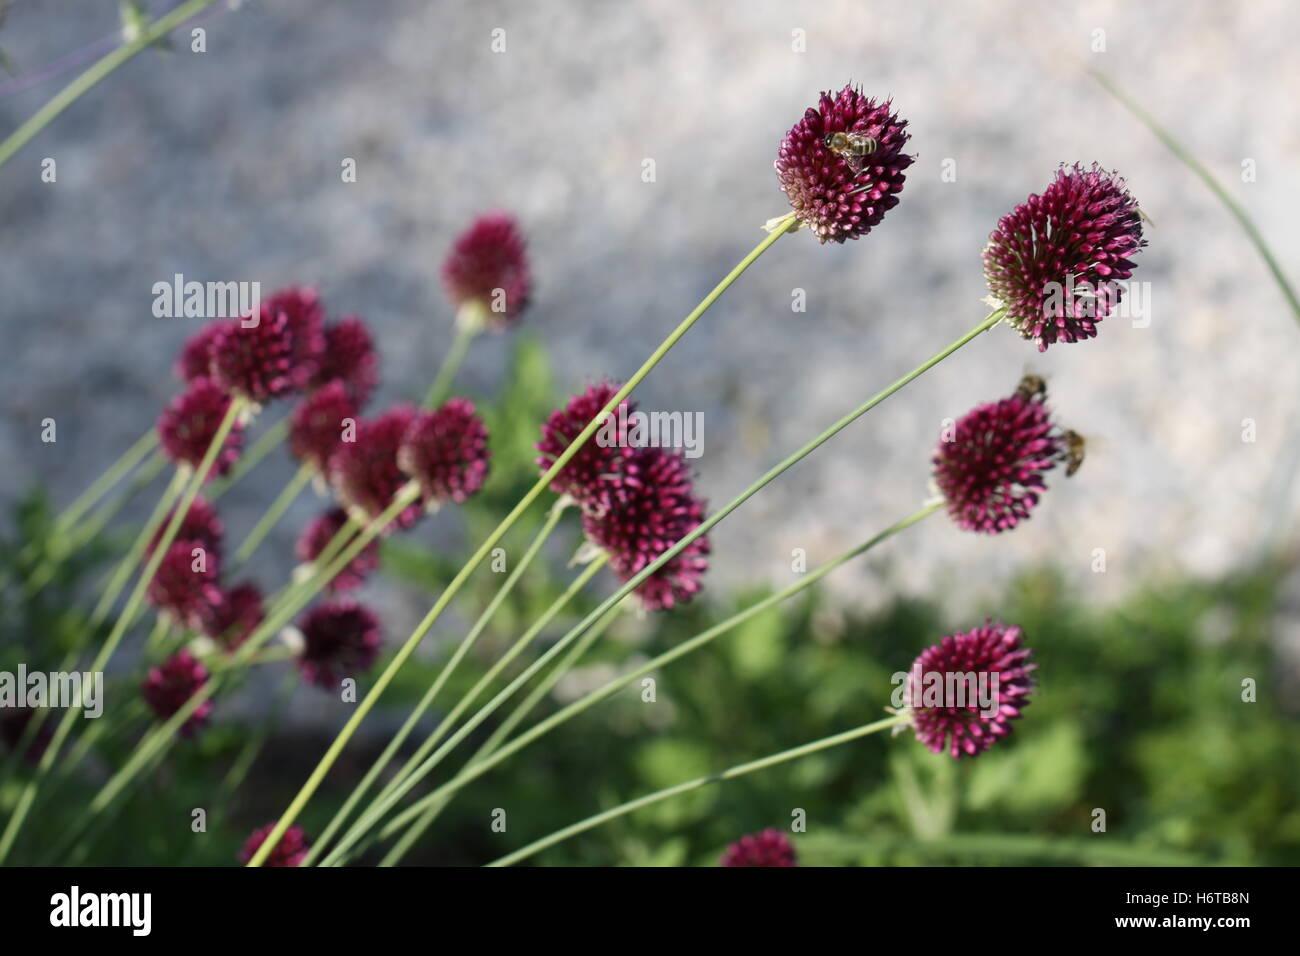 plants flowers Stock Photo